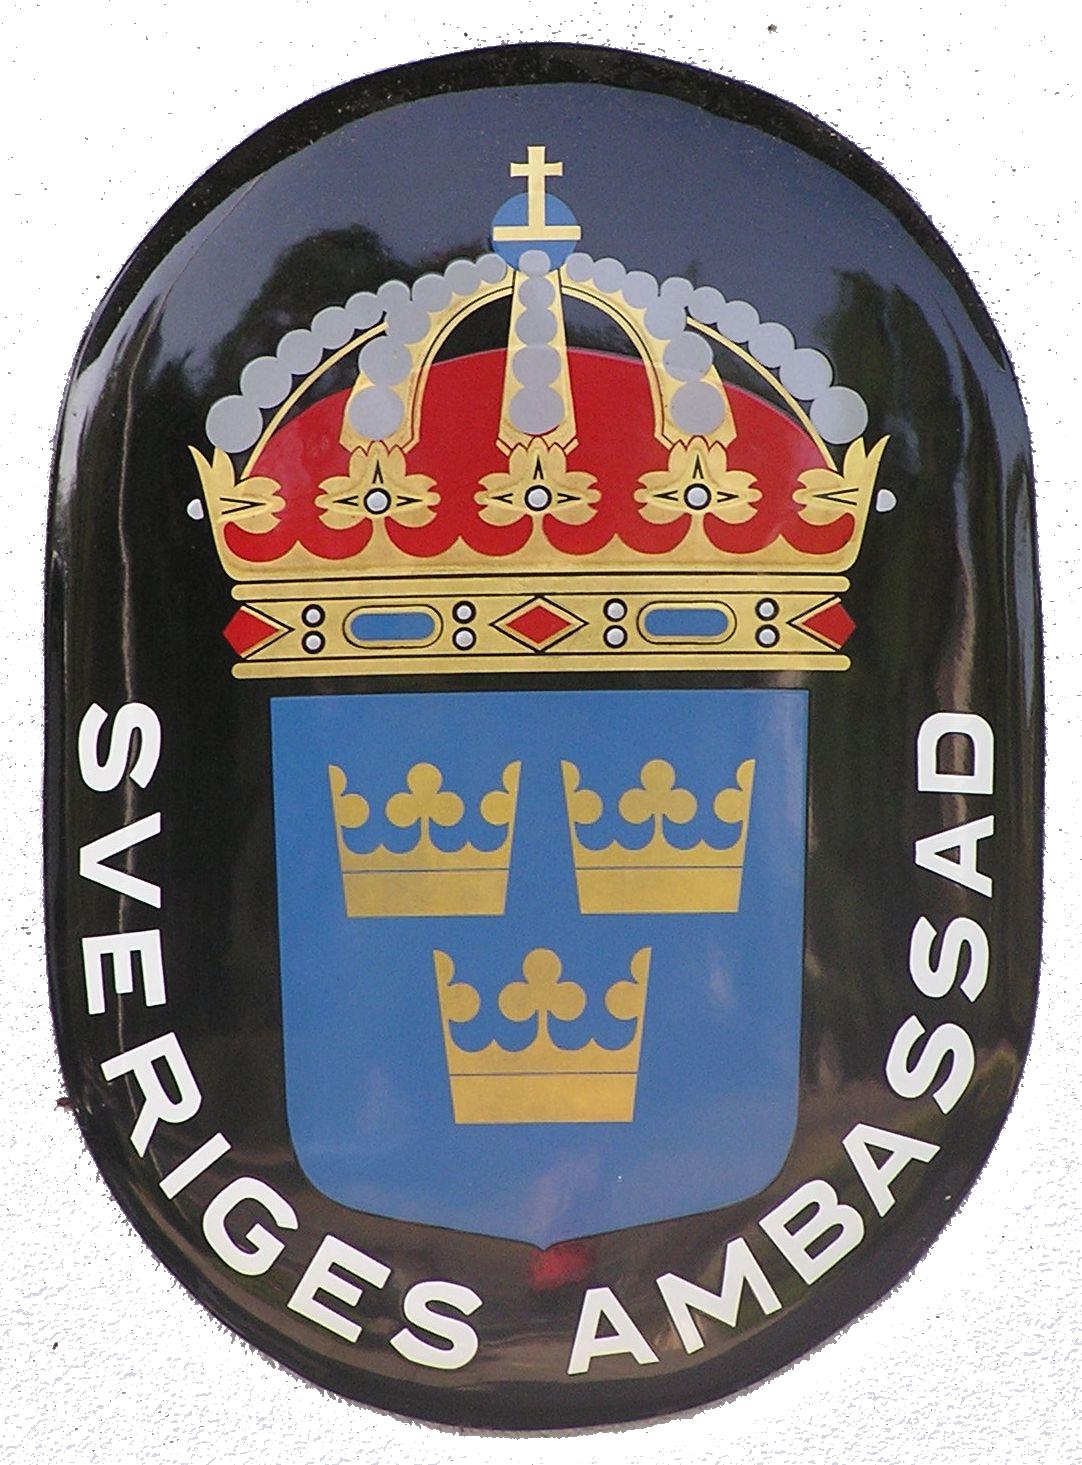 Ansökan om uppehållstillstånd för besök (UT) ska lämnas in på Svenska ambassaden i sökandens hemland